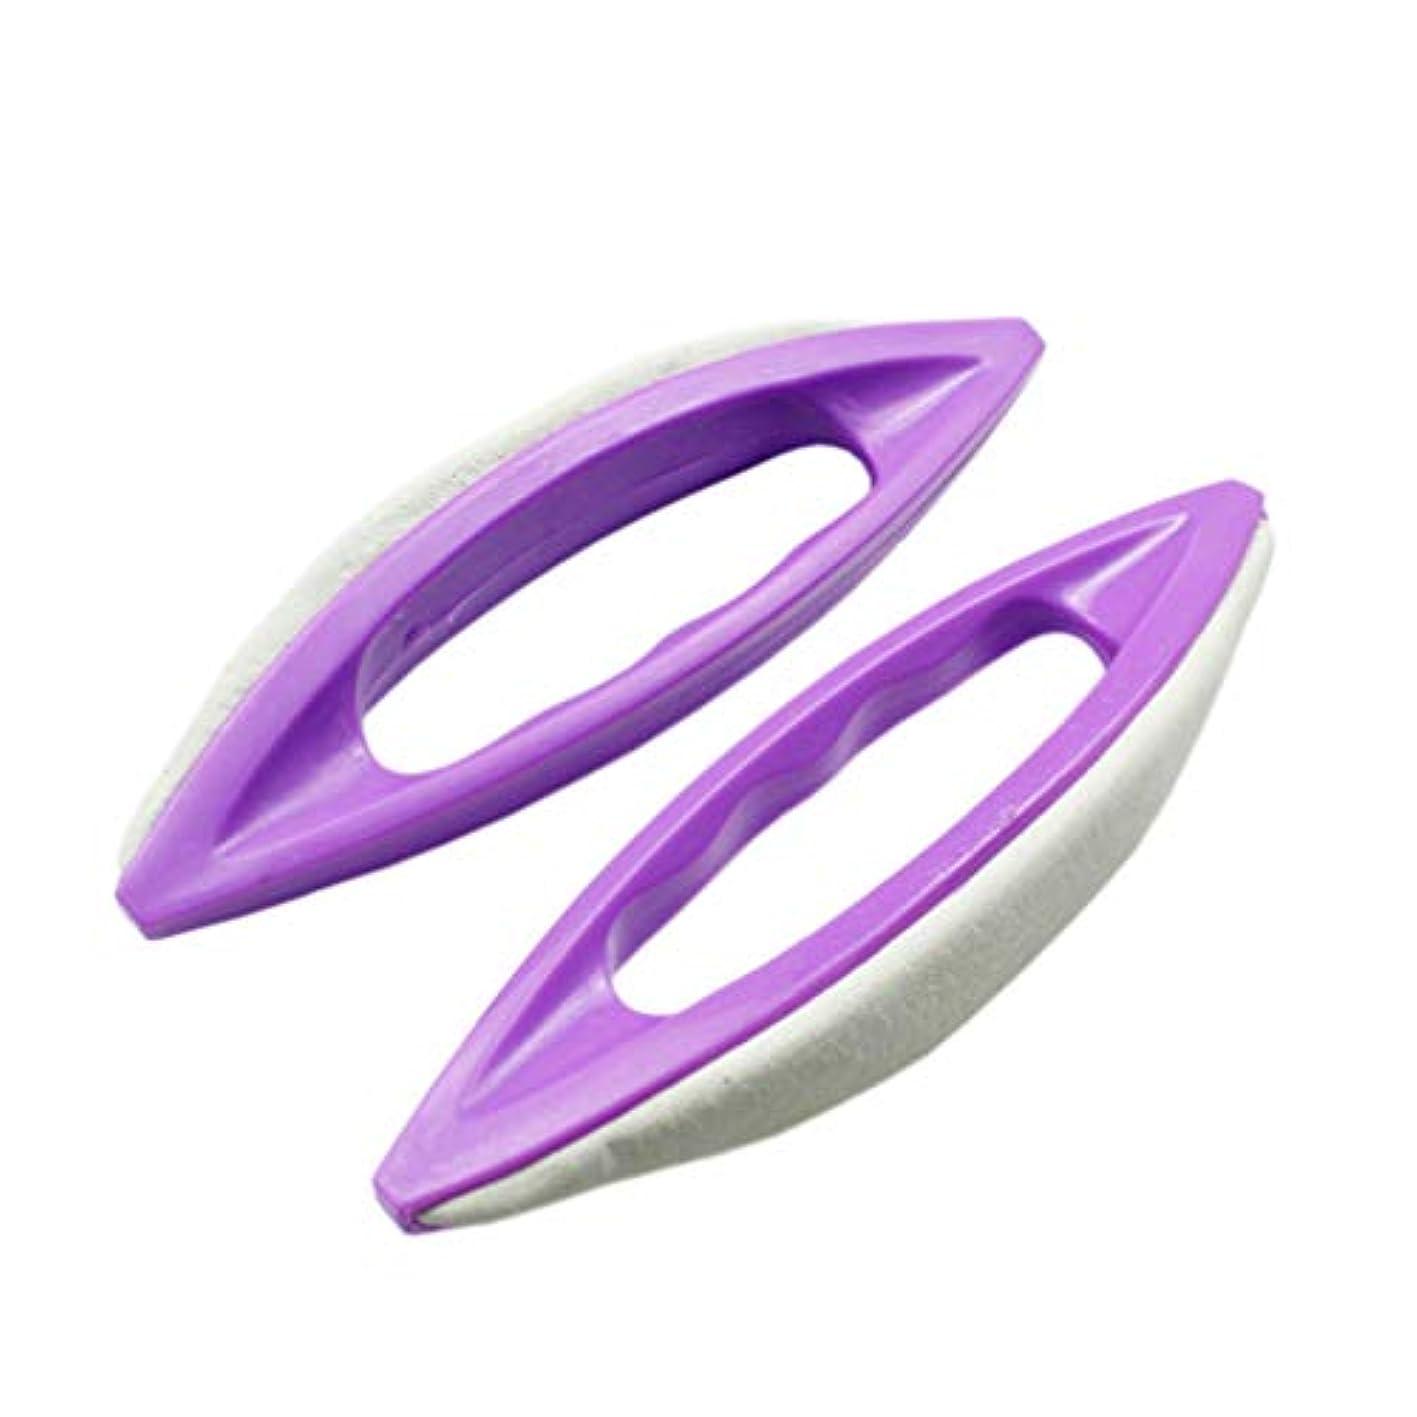 絡まるの間にマージンSUPVOX つま先と爪のための5本の爪ブラシ指の爪のスクラブクリーニングブラシ